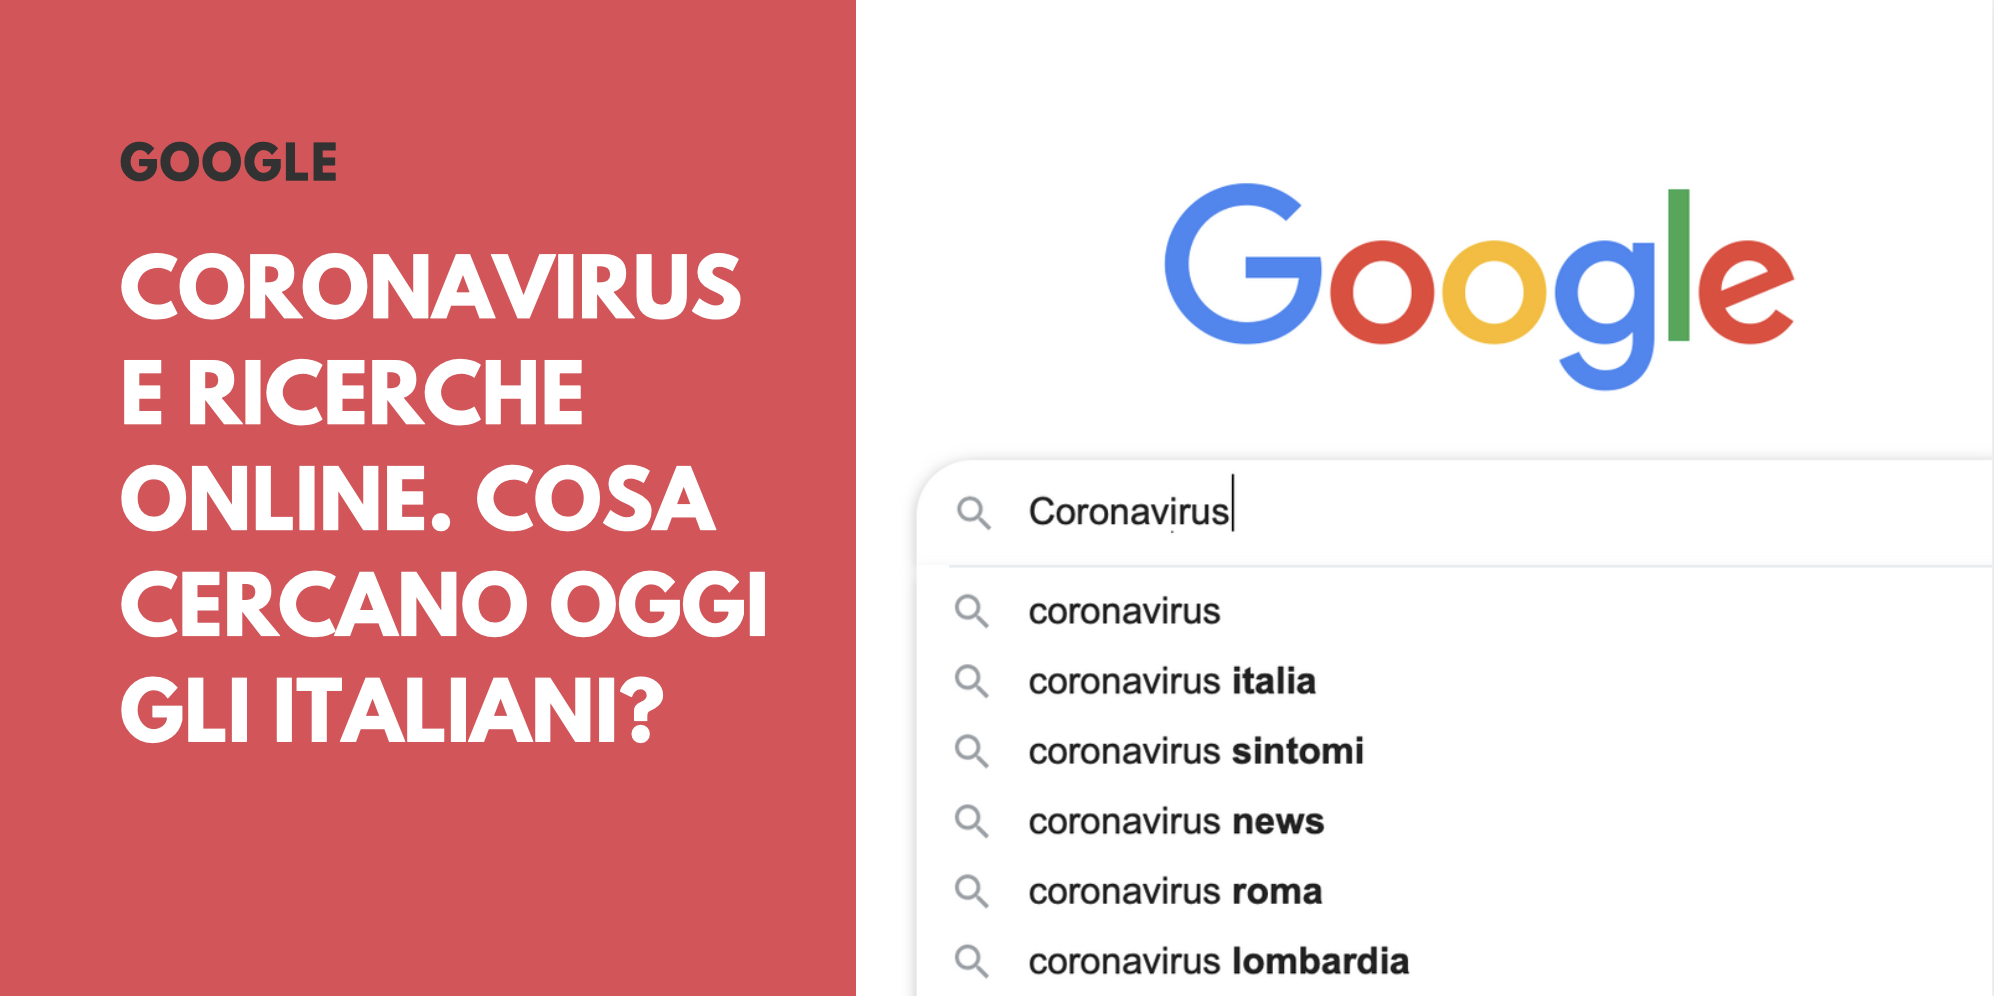 Coronavirus e ricerche online. Cosa cercano oggi gli Italiani (e cosa no)?